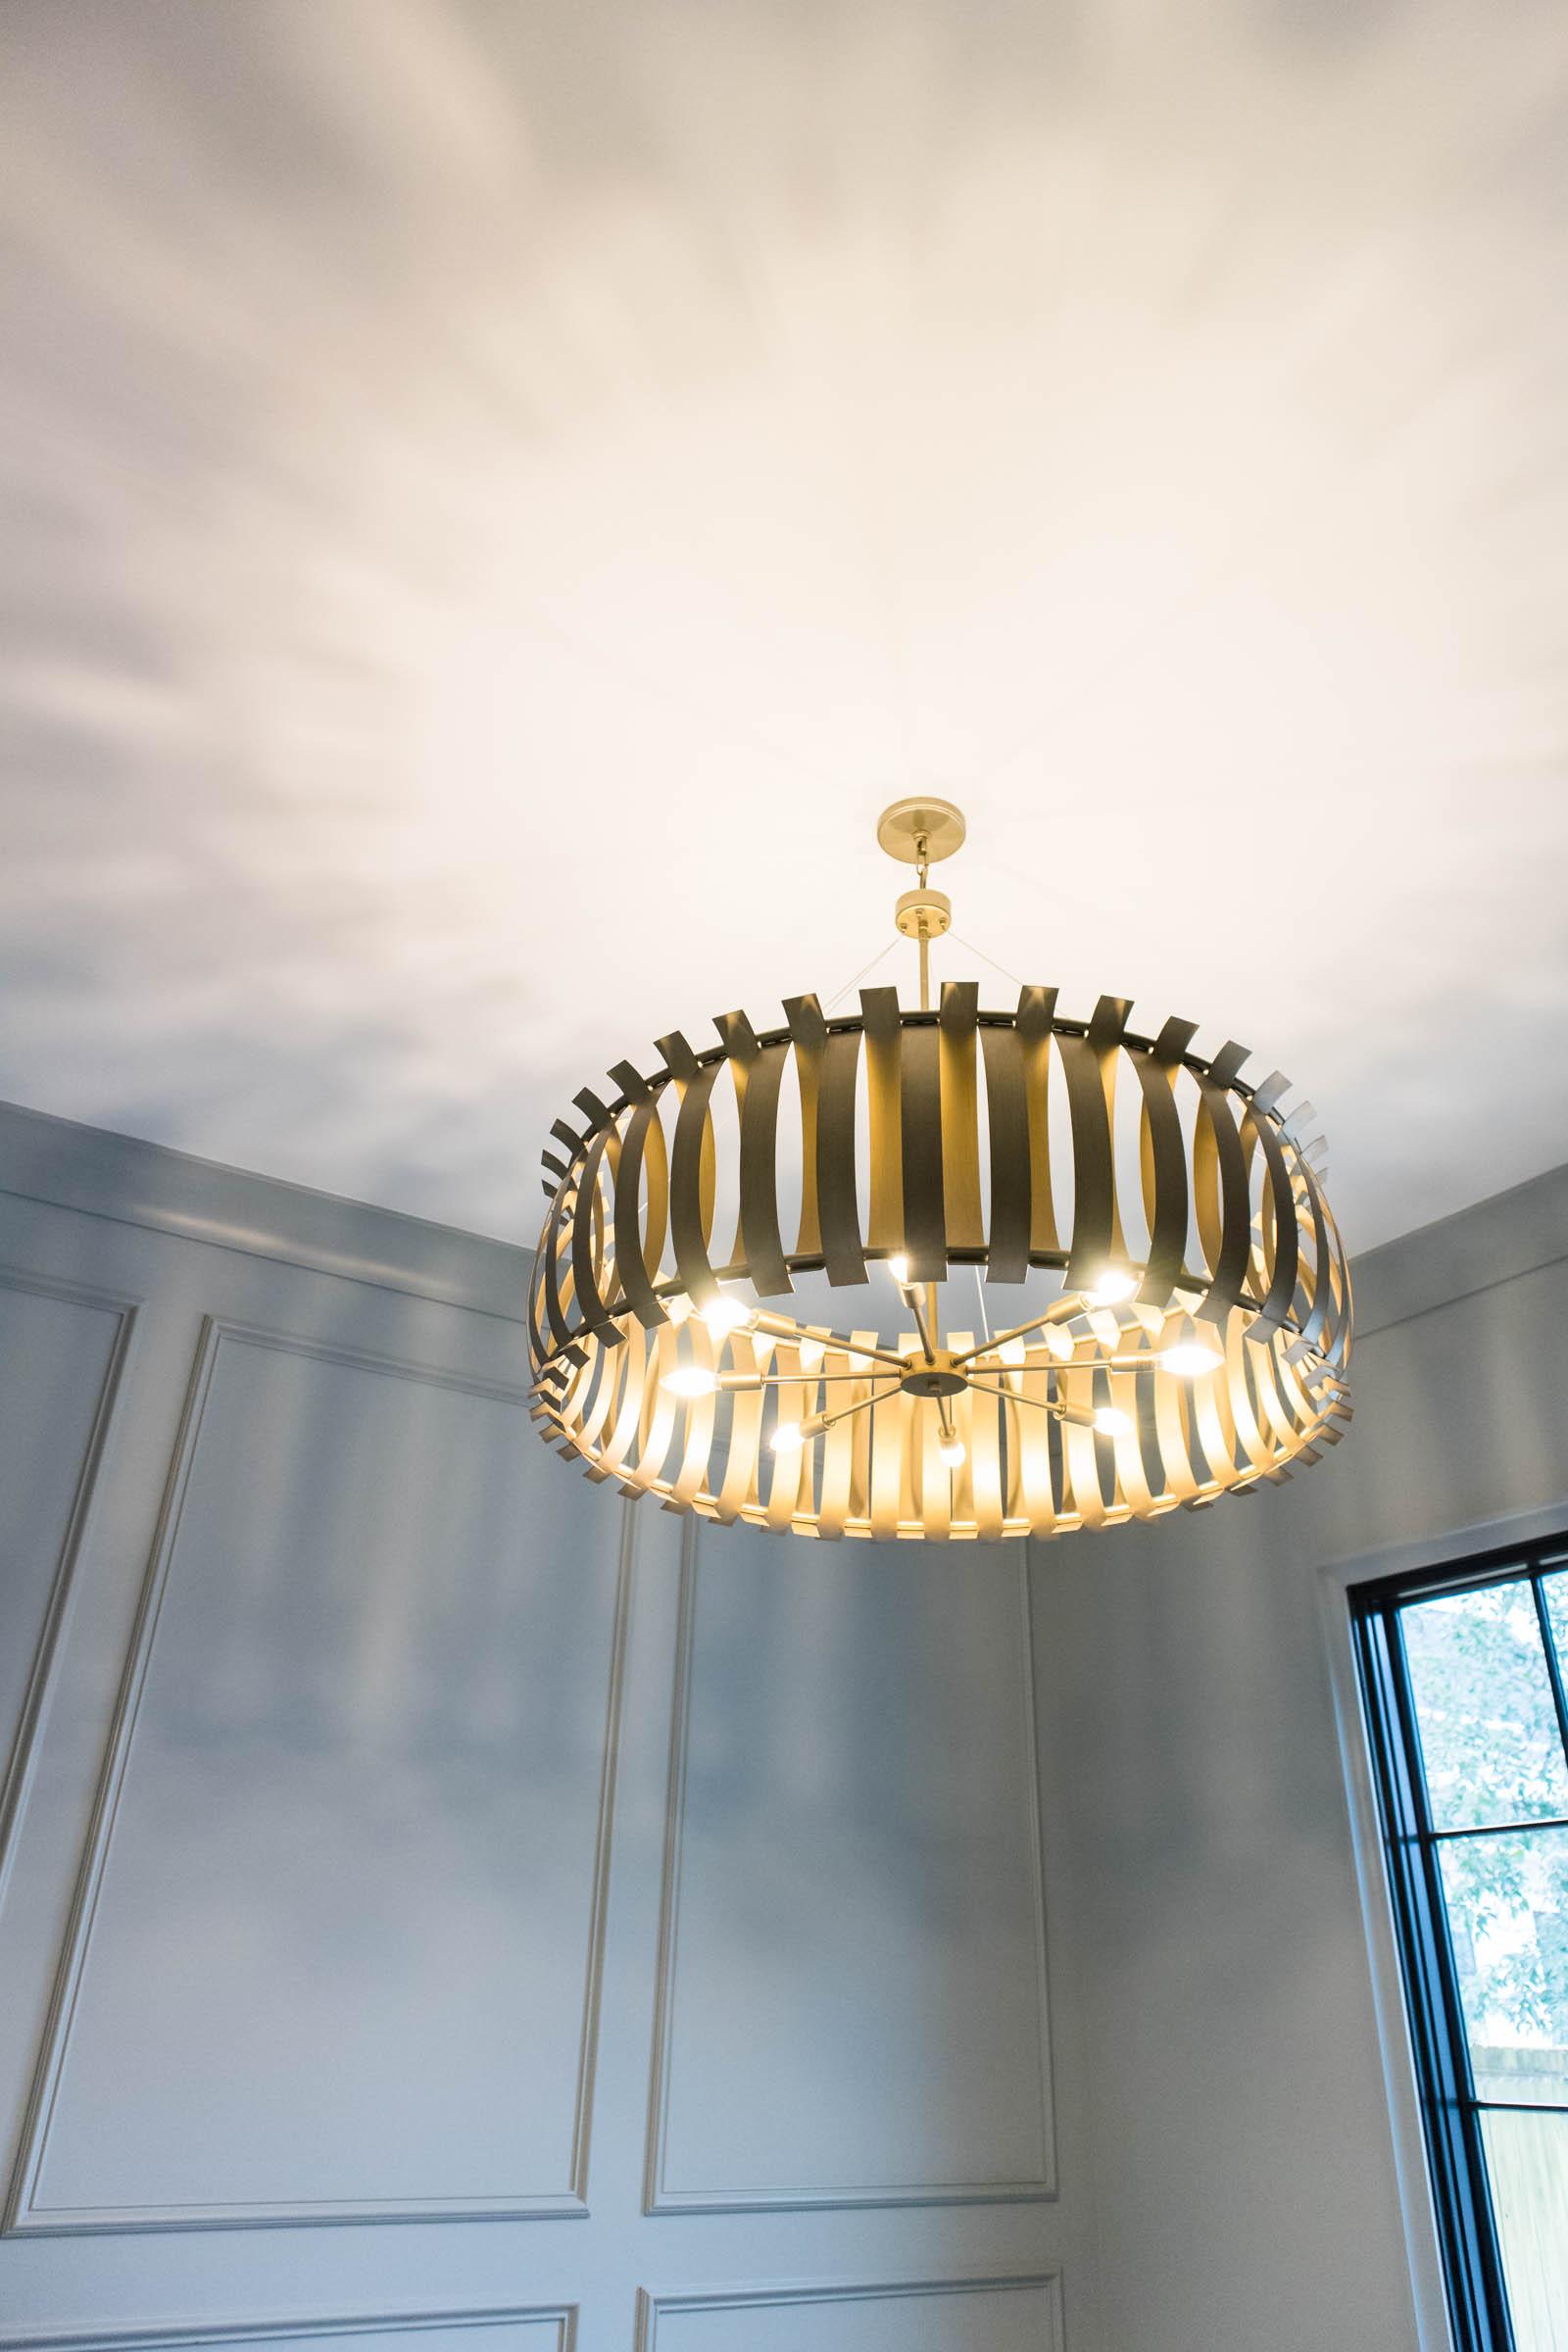 capital lighting Cayden 8 light chandelier